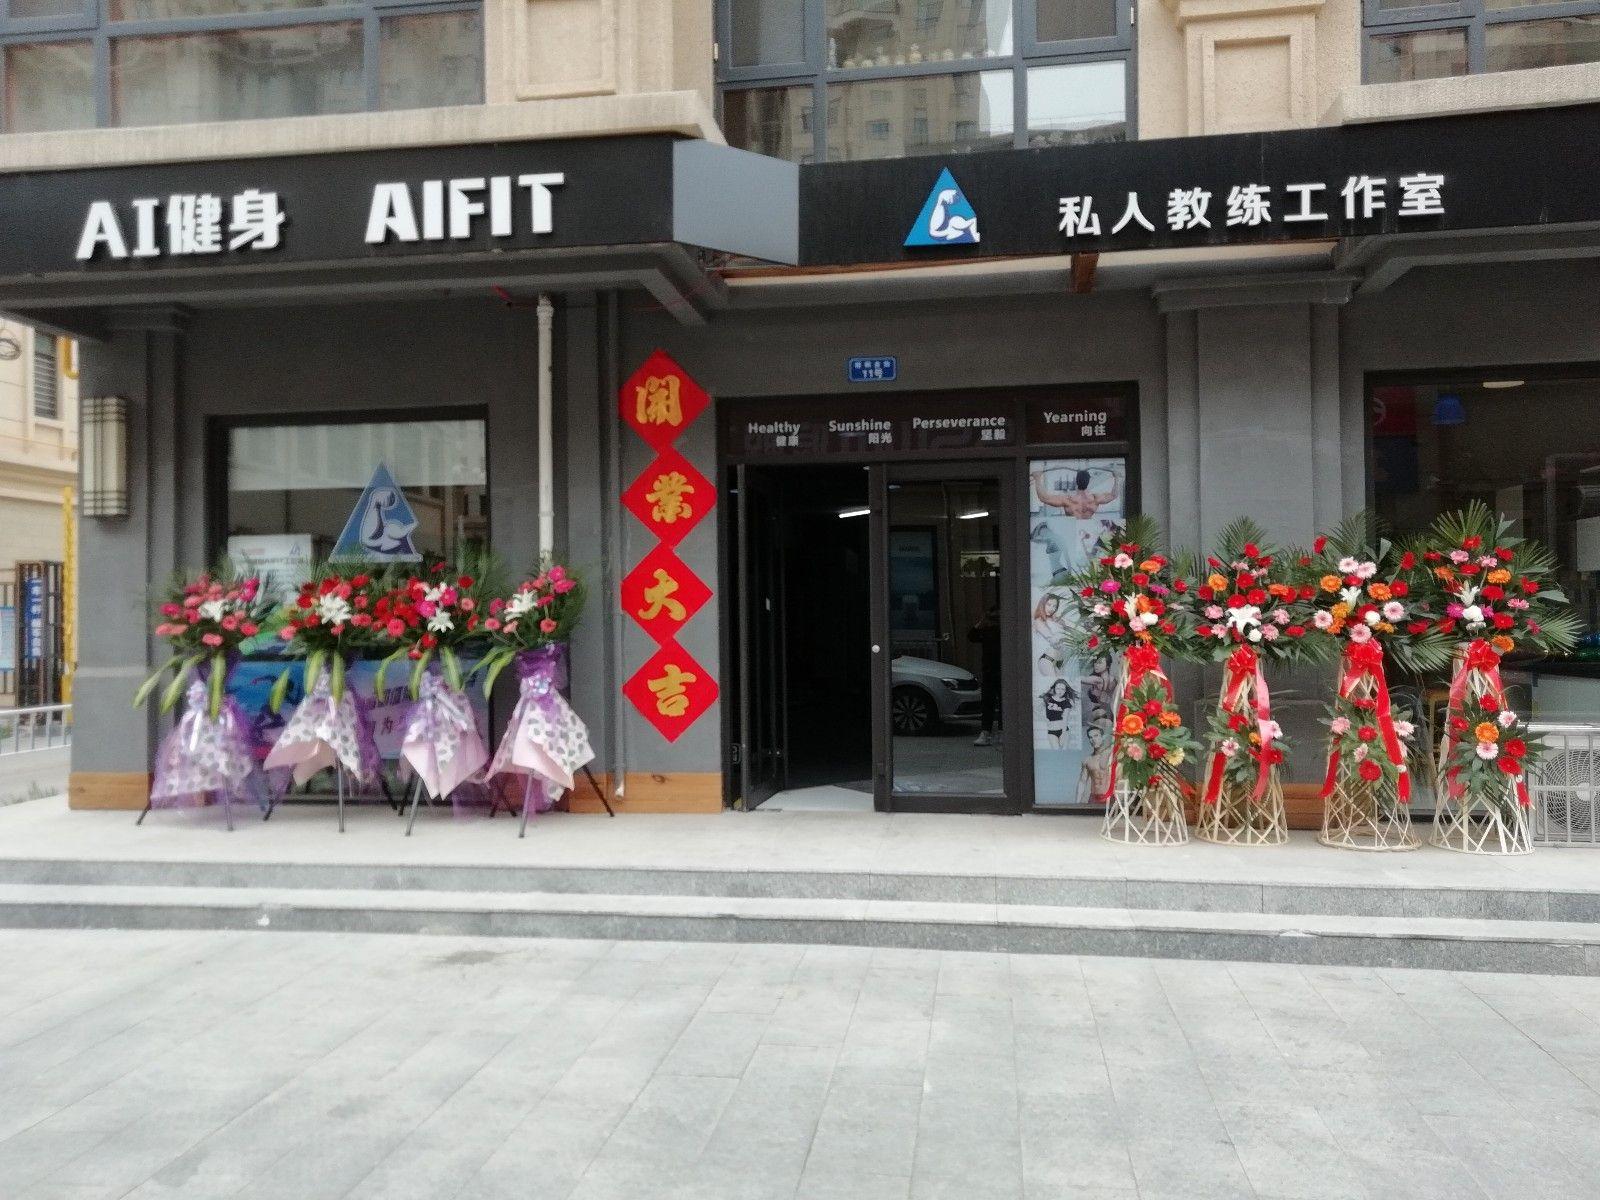 AI健身AIFIT私人教练工作室